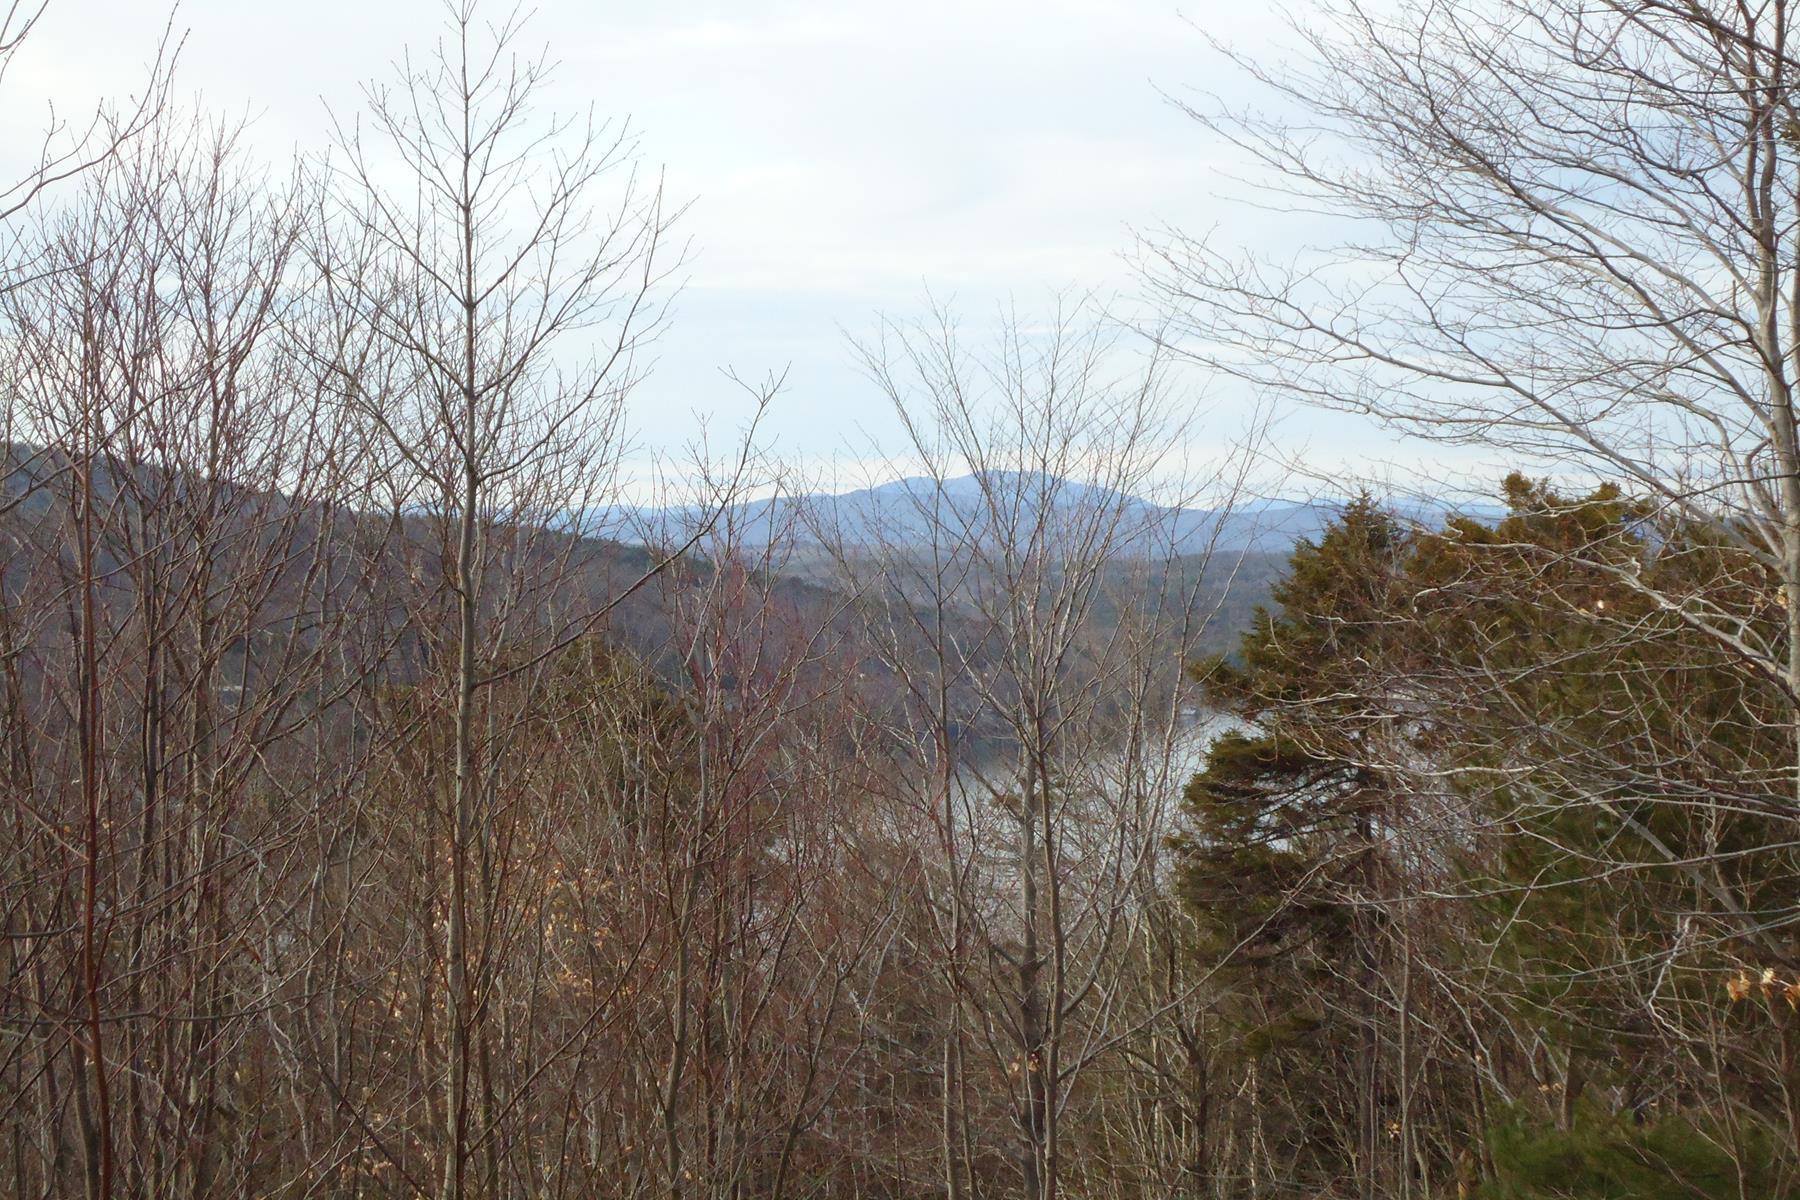 Đất đai vì Bán tại 0 Blye Hill Landing North, Newbury Newbury, New Hampshire, 03255 Hoa Kỳ